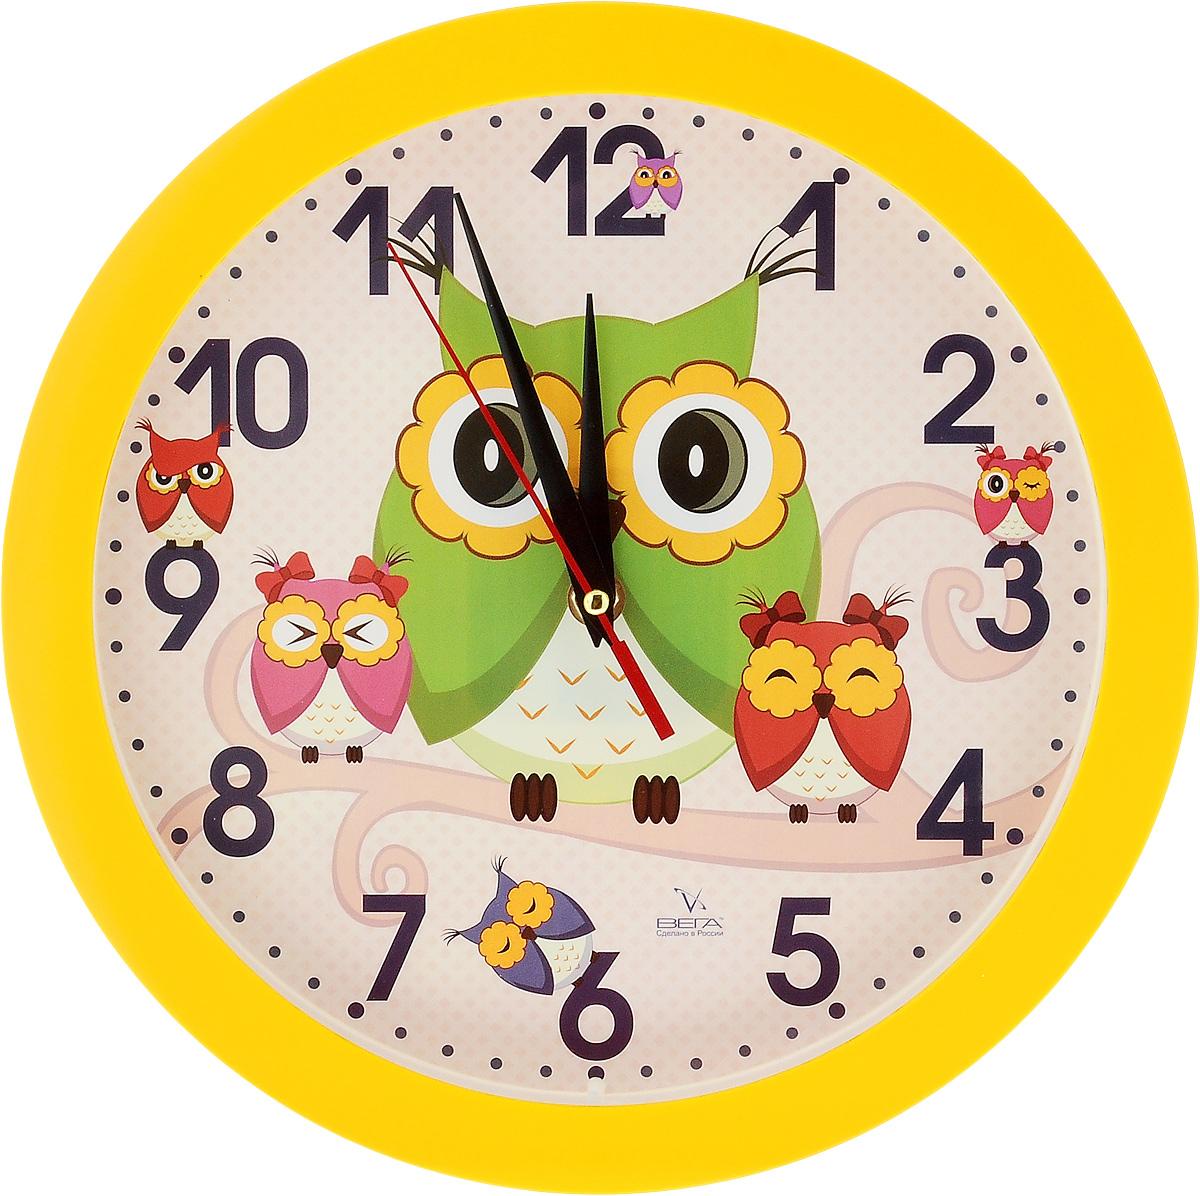 Часы настенные Вега Совы, диаметр 28,5 смП1-2/7-207Настенные кварцевые часы Вега Совы, изготовленные из пластика, прекрасно впишутся в интерьер вашего дома. Часы имеют три стрелки: часовую, минутную и секундную, циферблат защищен прозрачным стеклом. Часы работают от 1 батарейки типа АА напряжением 1,5 В (не входит в комплект). Диаметр часов: 28,5 см.